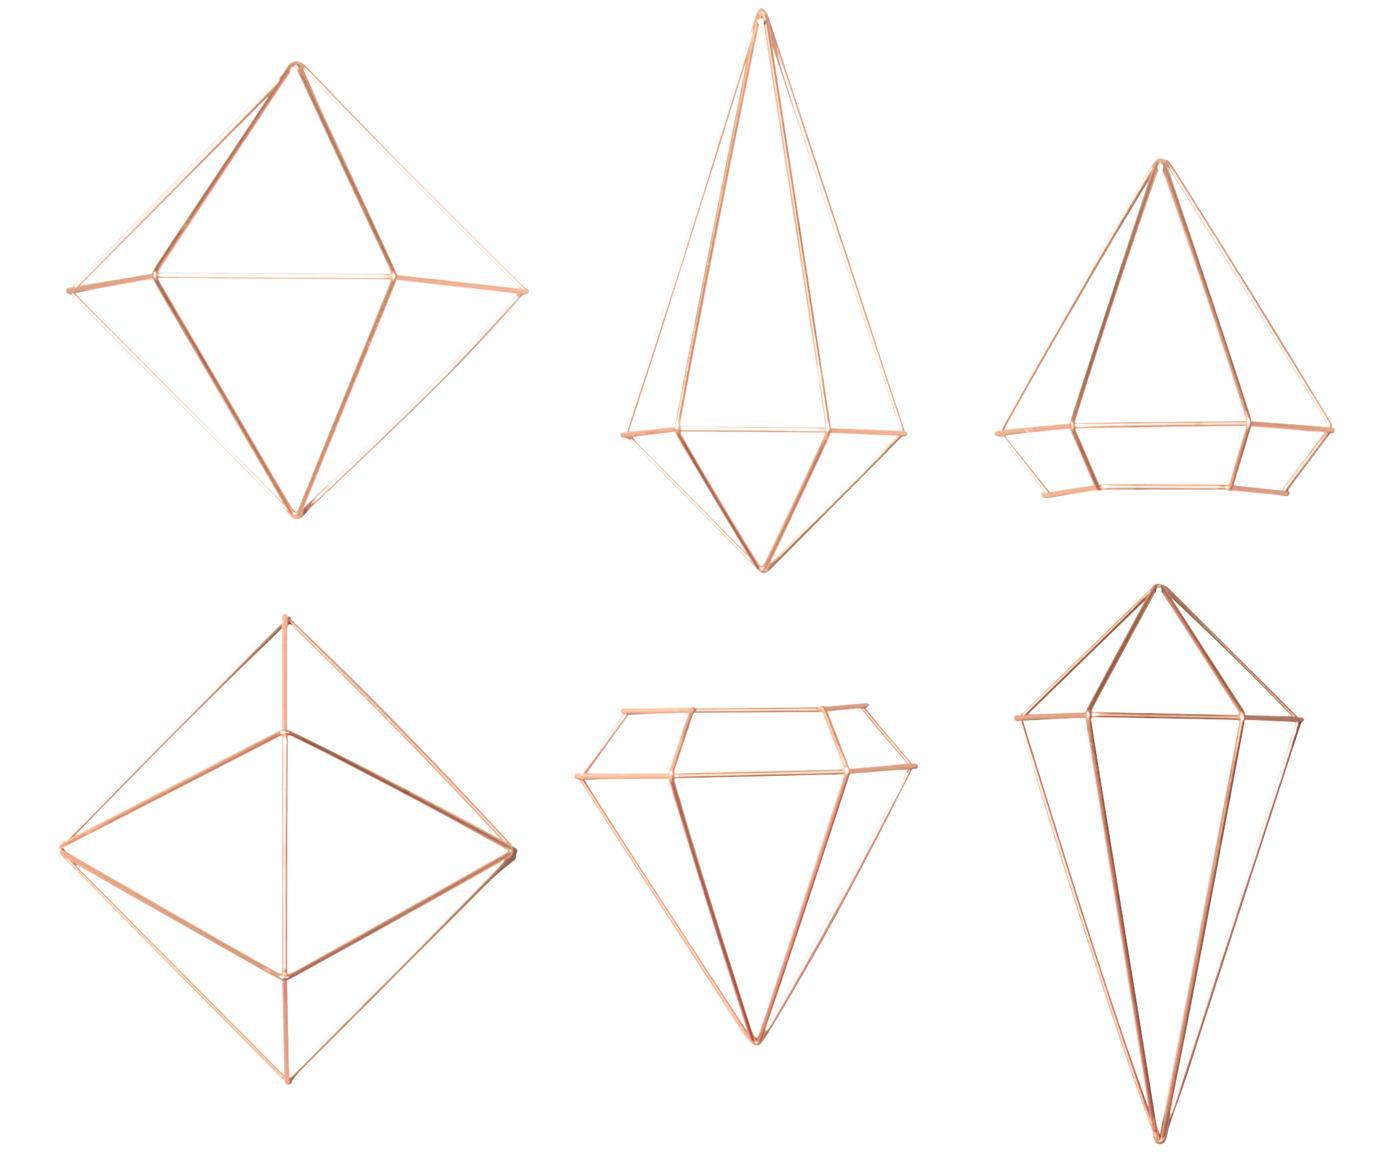 Komplet dekoracji ściennych z metalu lakierowanego Prisma, 6 elem., Metal lakierowany, Odcienie miedzi, Różne rozmiary